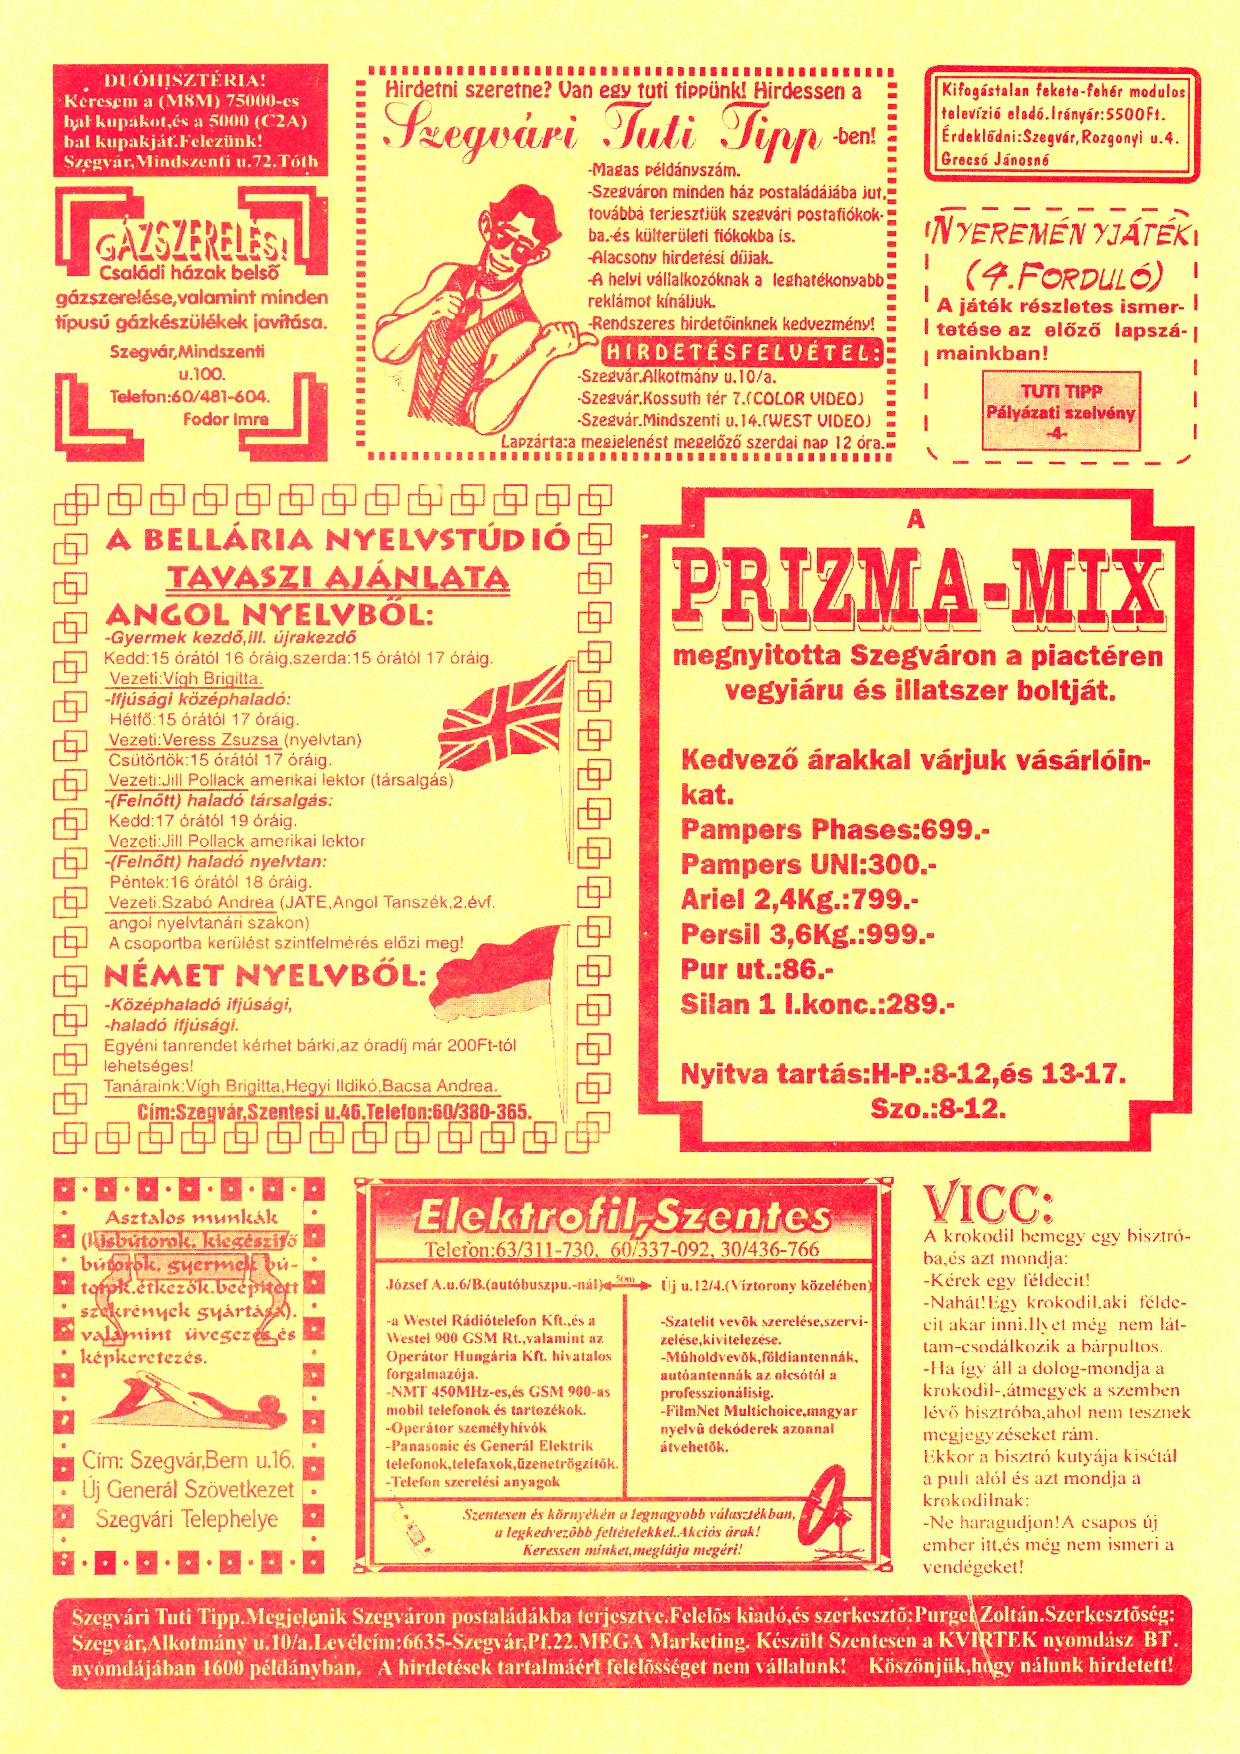 010 Szegvári Tuti Tipp reklámújság - 19960309-017. lapszám - 2.oldal - II. évfolyam.jpg